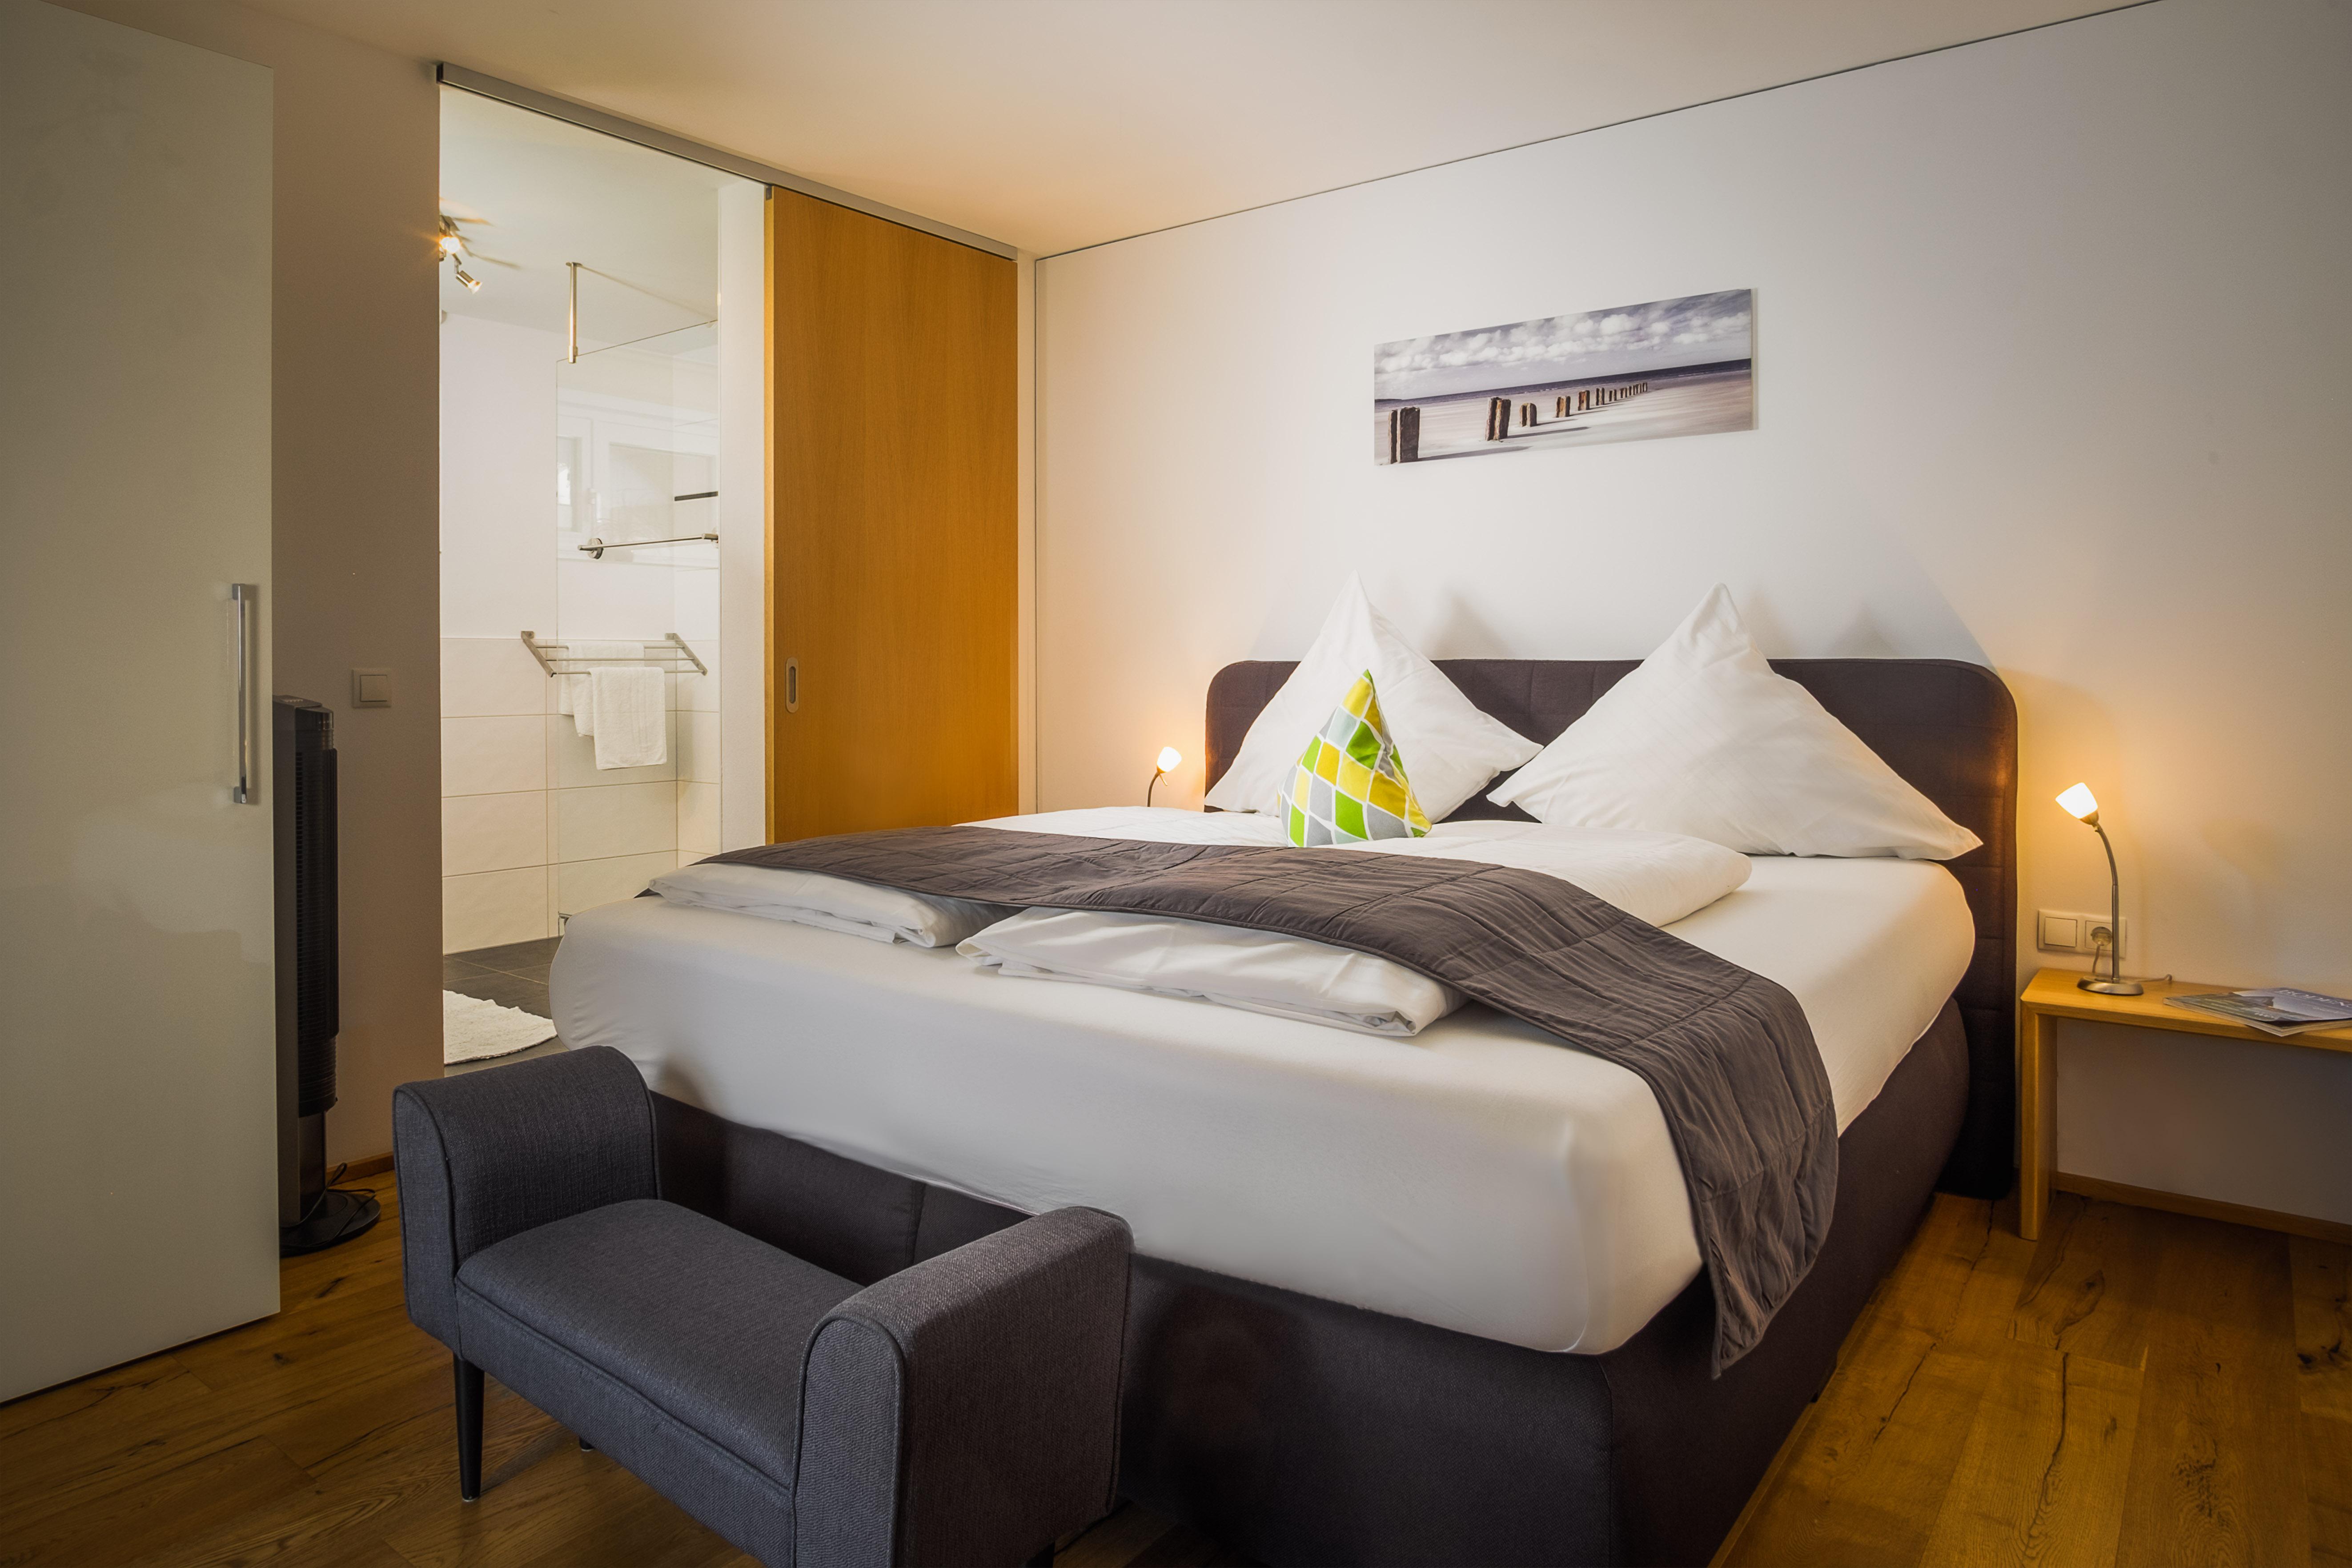 Appartement de vacances Sandra, (Hörbranz). Ferienwohnung Seeblick, 58qm, 1 Schlafzimmer, max. 4 Personen (2127338), Hörbranz, Bregenz, Vorarlberg, Autriche, image 17